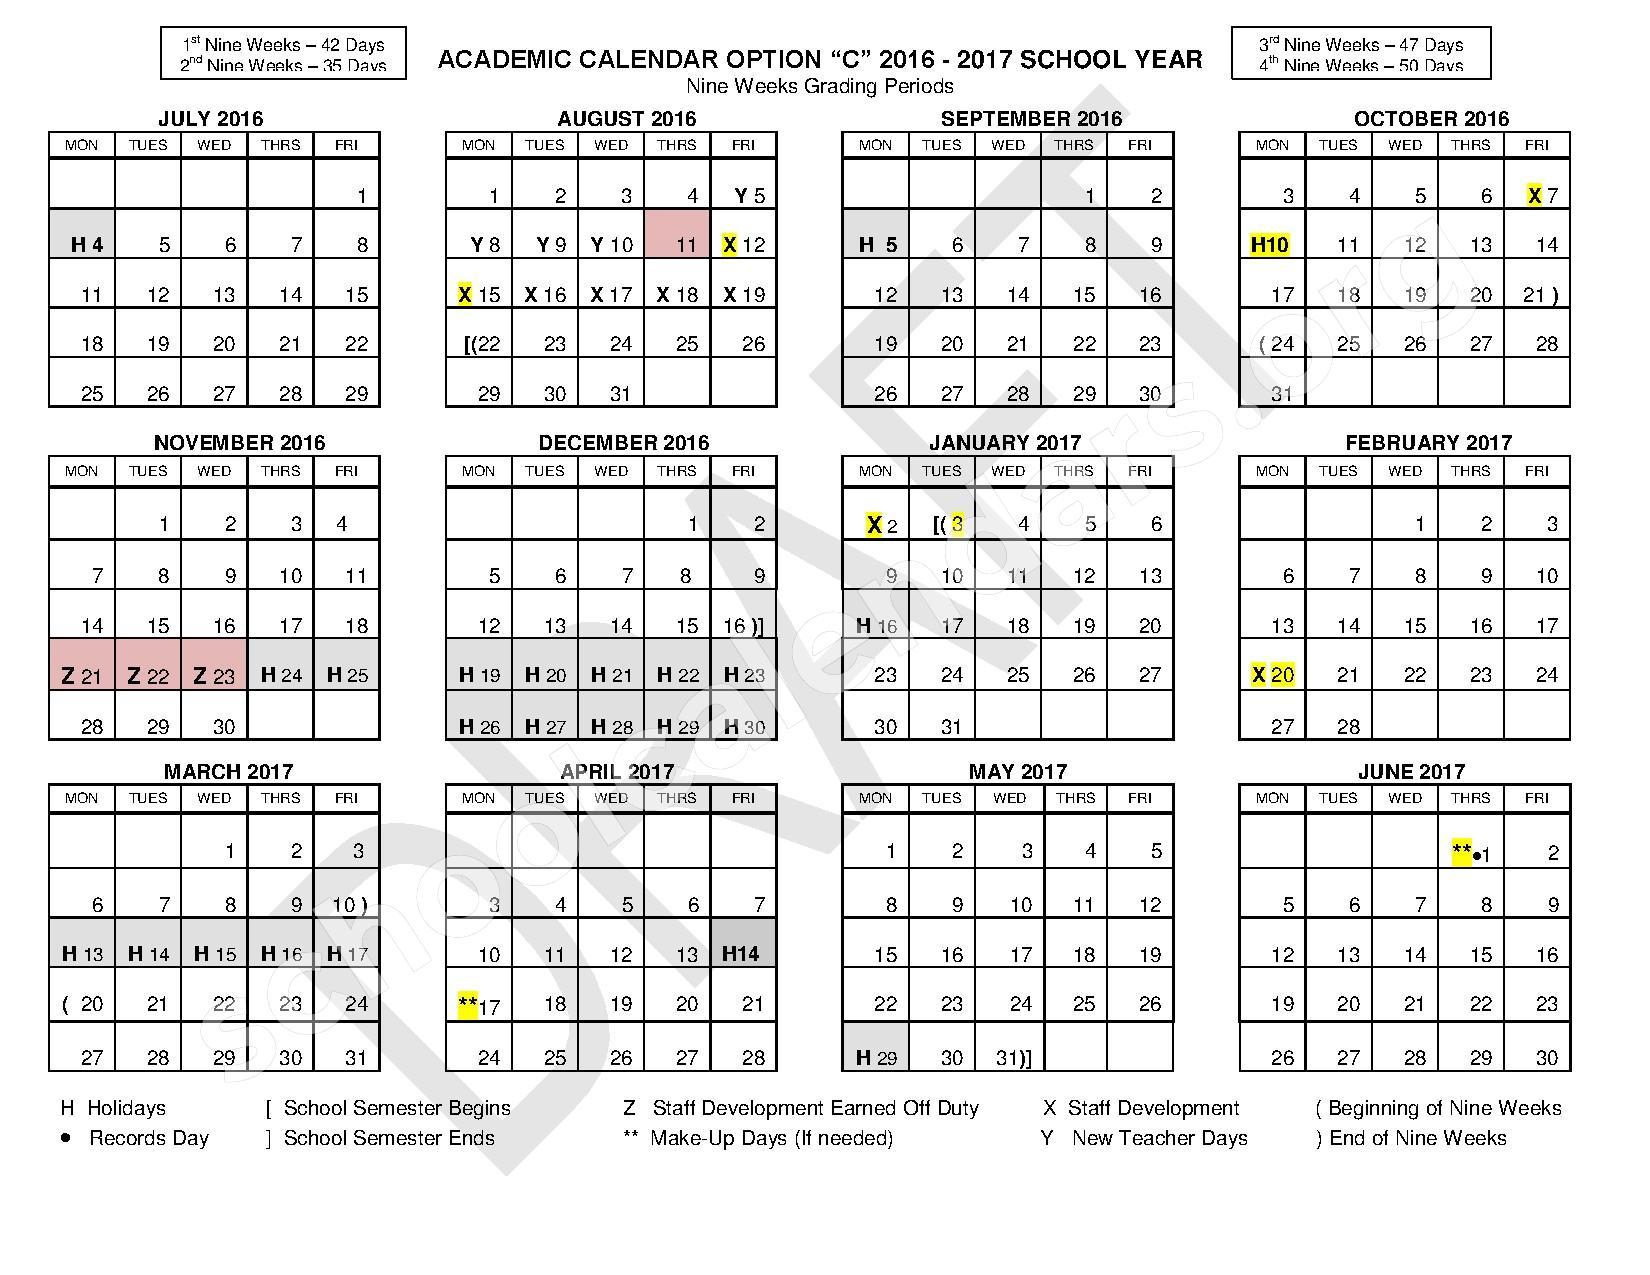 Texas School Calendar 2017